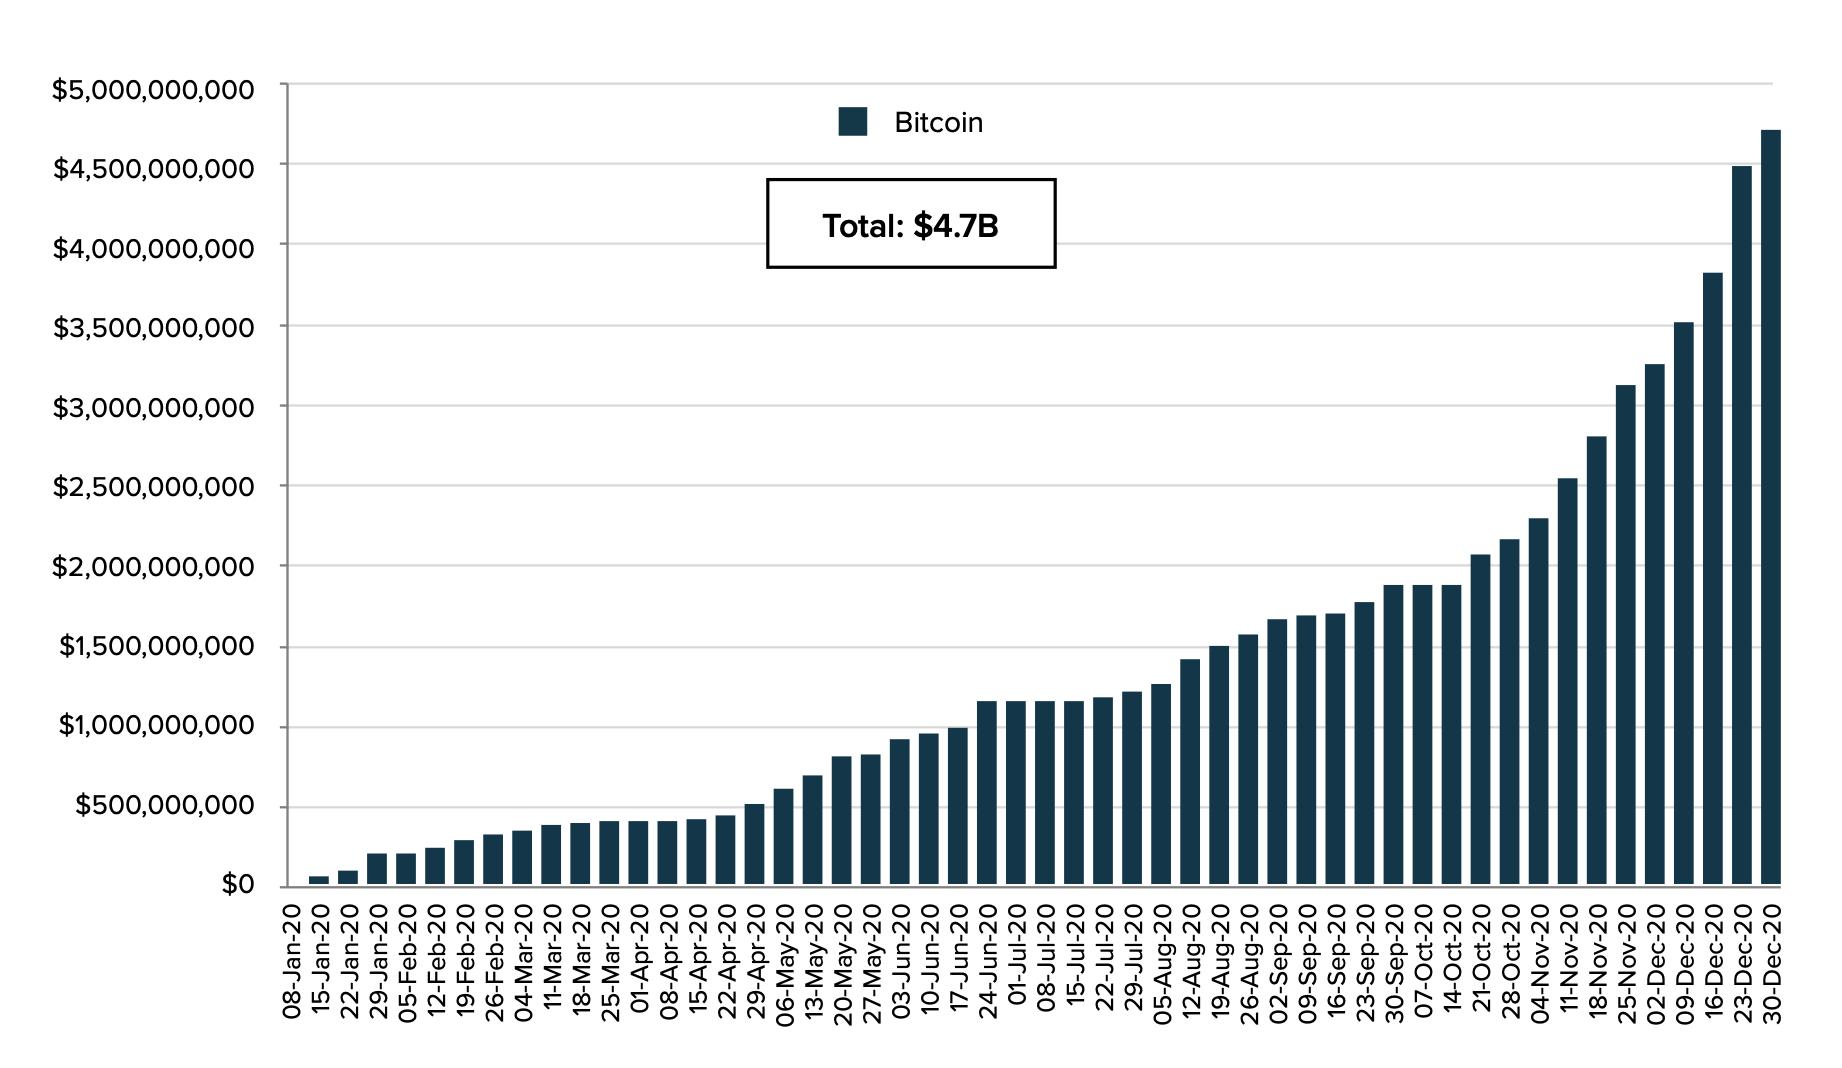 灰度第四季度报告:共筹集33亿美元,2021年国家对比特币的采用将开始